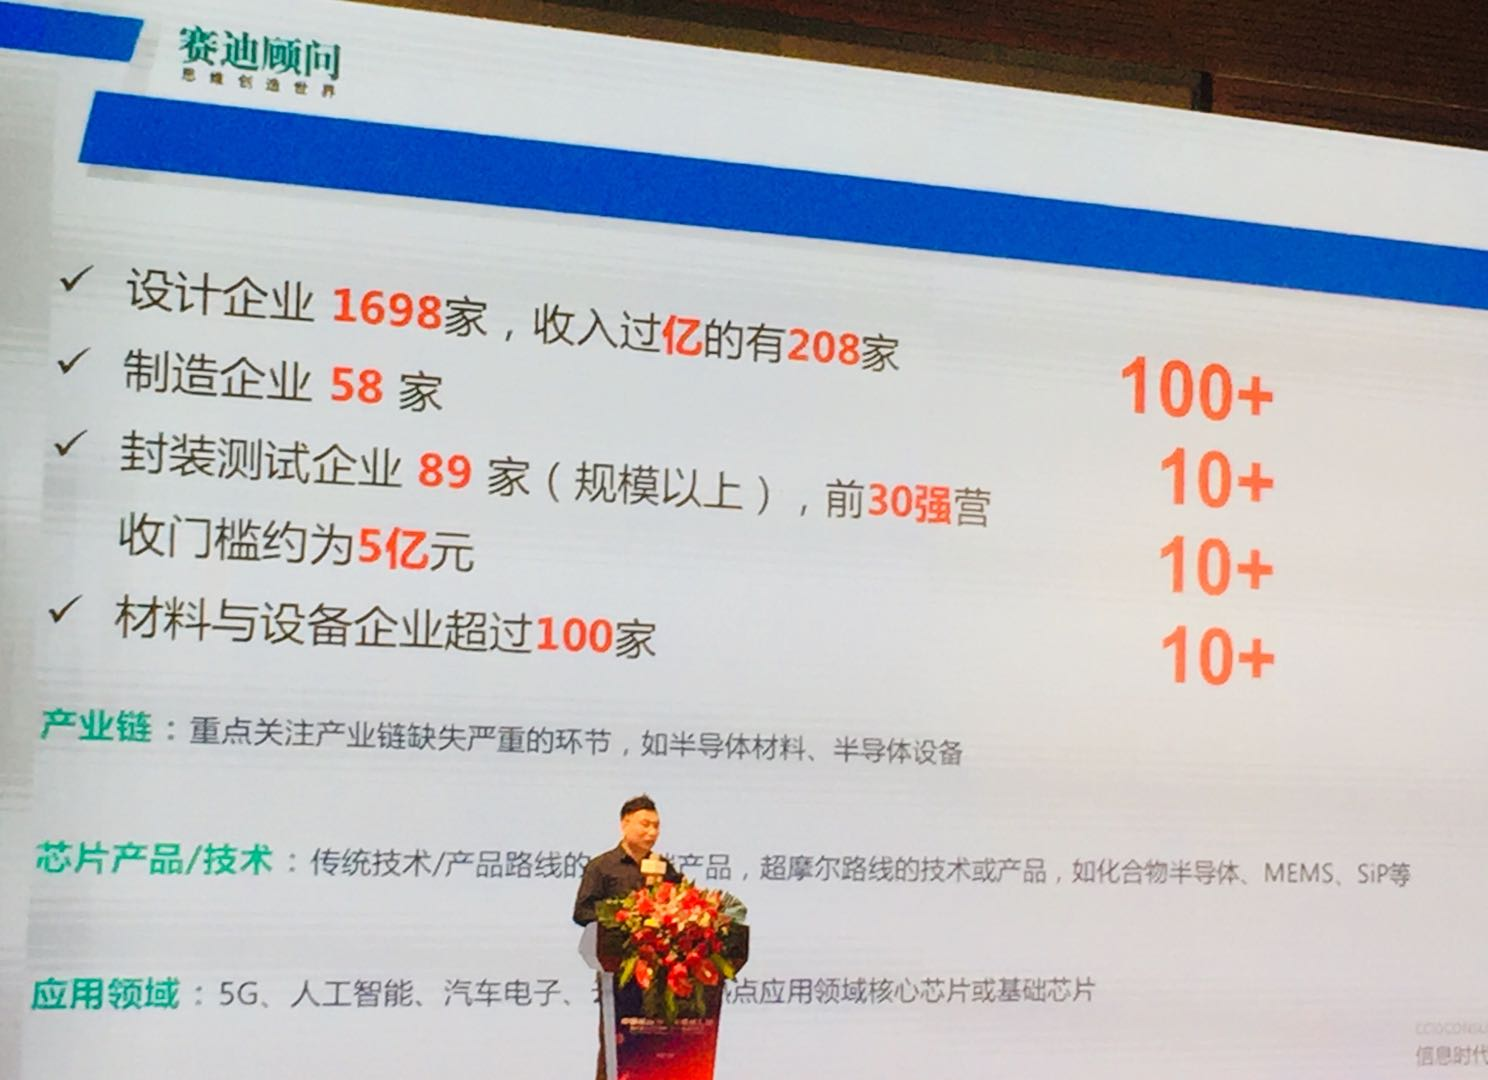 中国芯的发展机遇和应用前景在哪里?